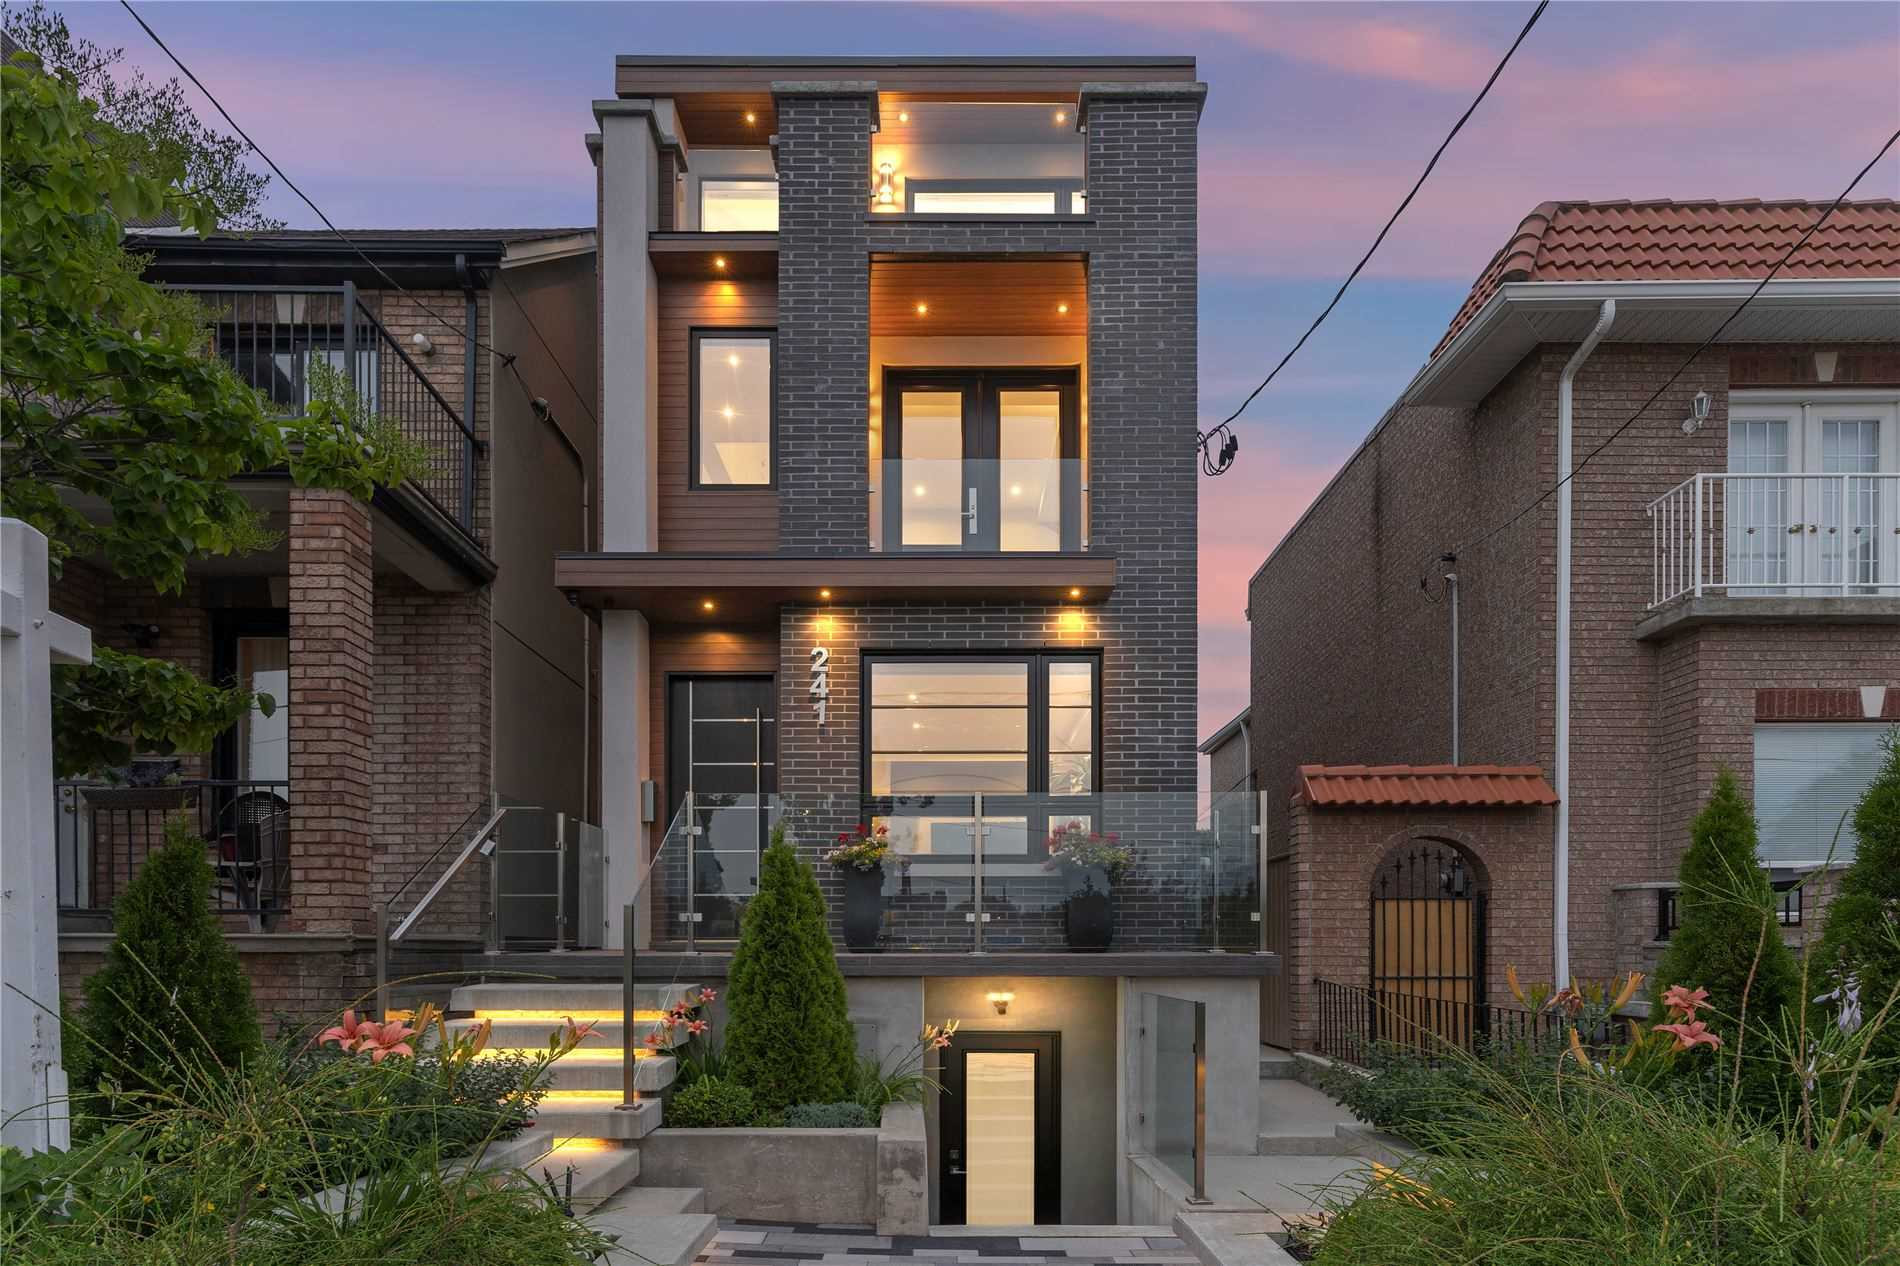 241 Lansdowne Ave, Toronto, Ontario M6K2W2, 3 Bedrooms Bedrooms, 8 Rooms Rooms,4 BathroomsBathrooms,Detached,For Sale,Lansdowne,C5314297